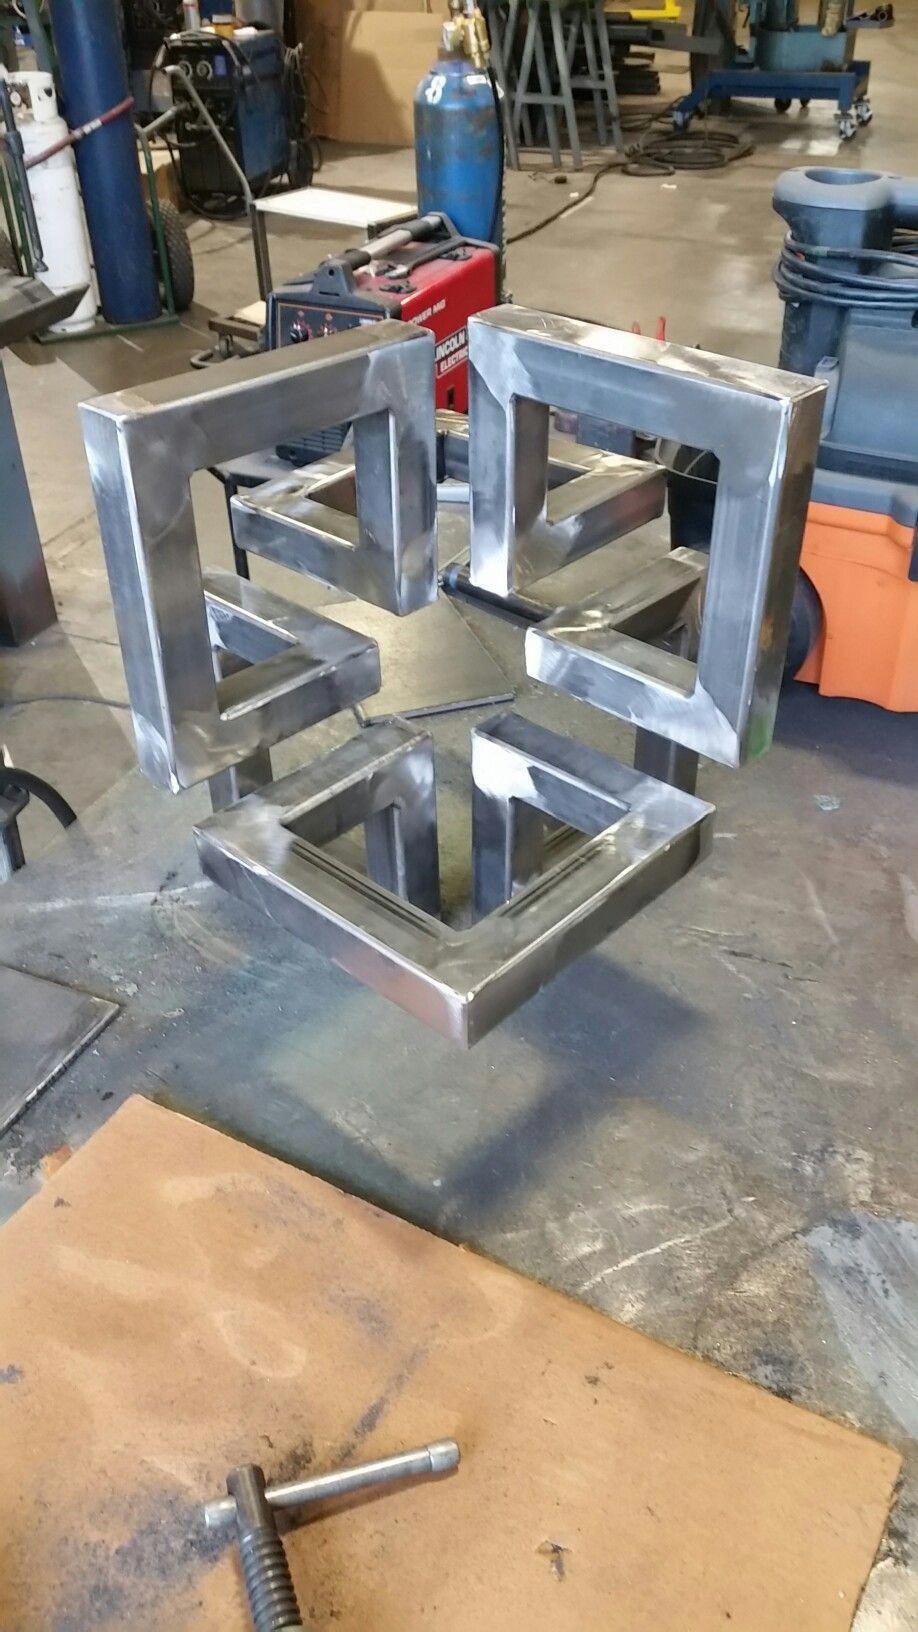 Welding Projects Ideas Metal Weldingprojects Welding Projects Metal Projects Welding Art